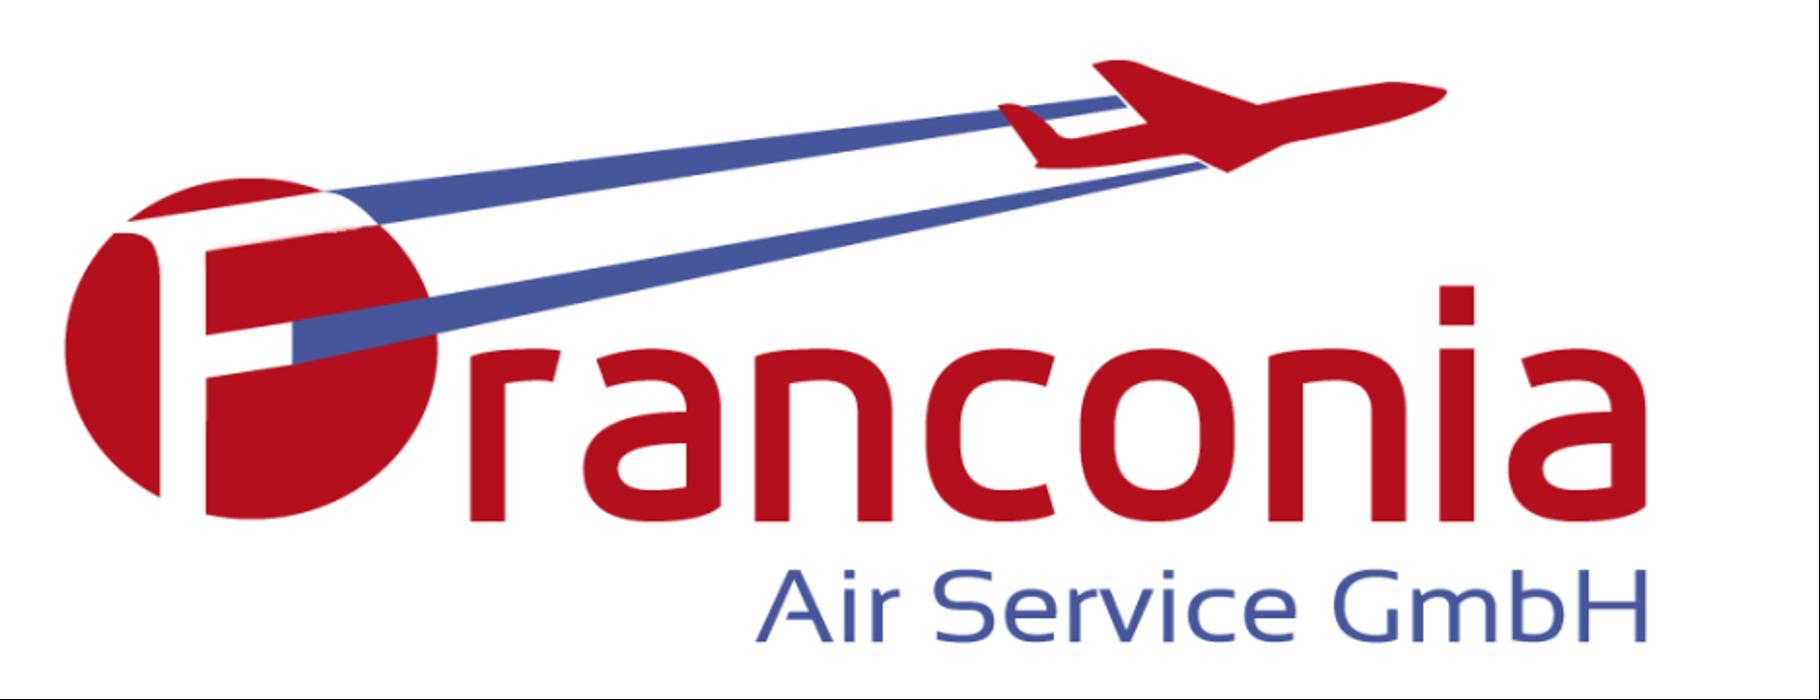 Bild zu Franconia Air Service GmbH in Neustadt an der Aisch